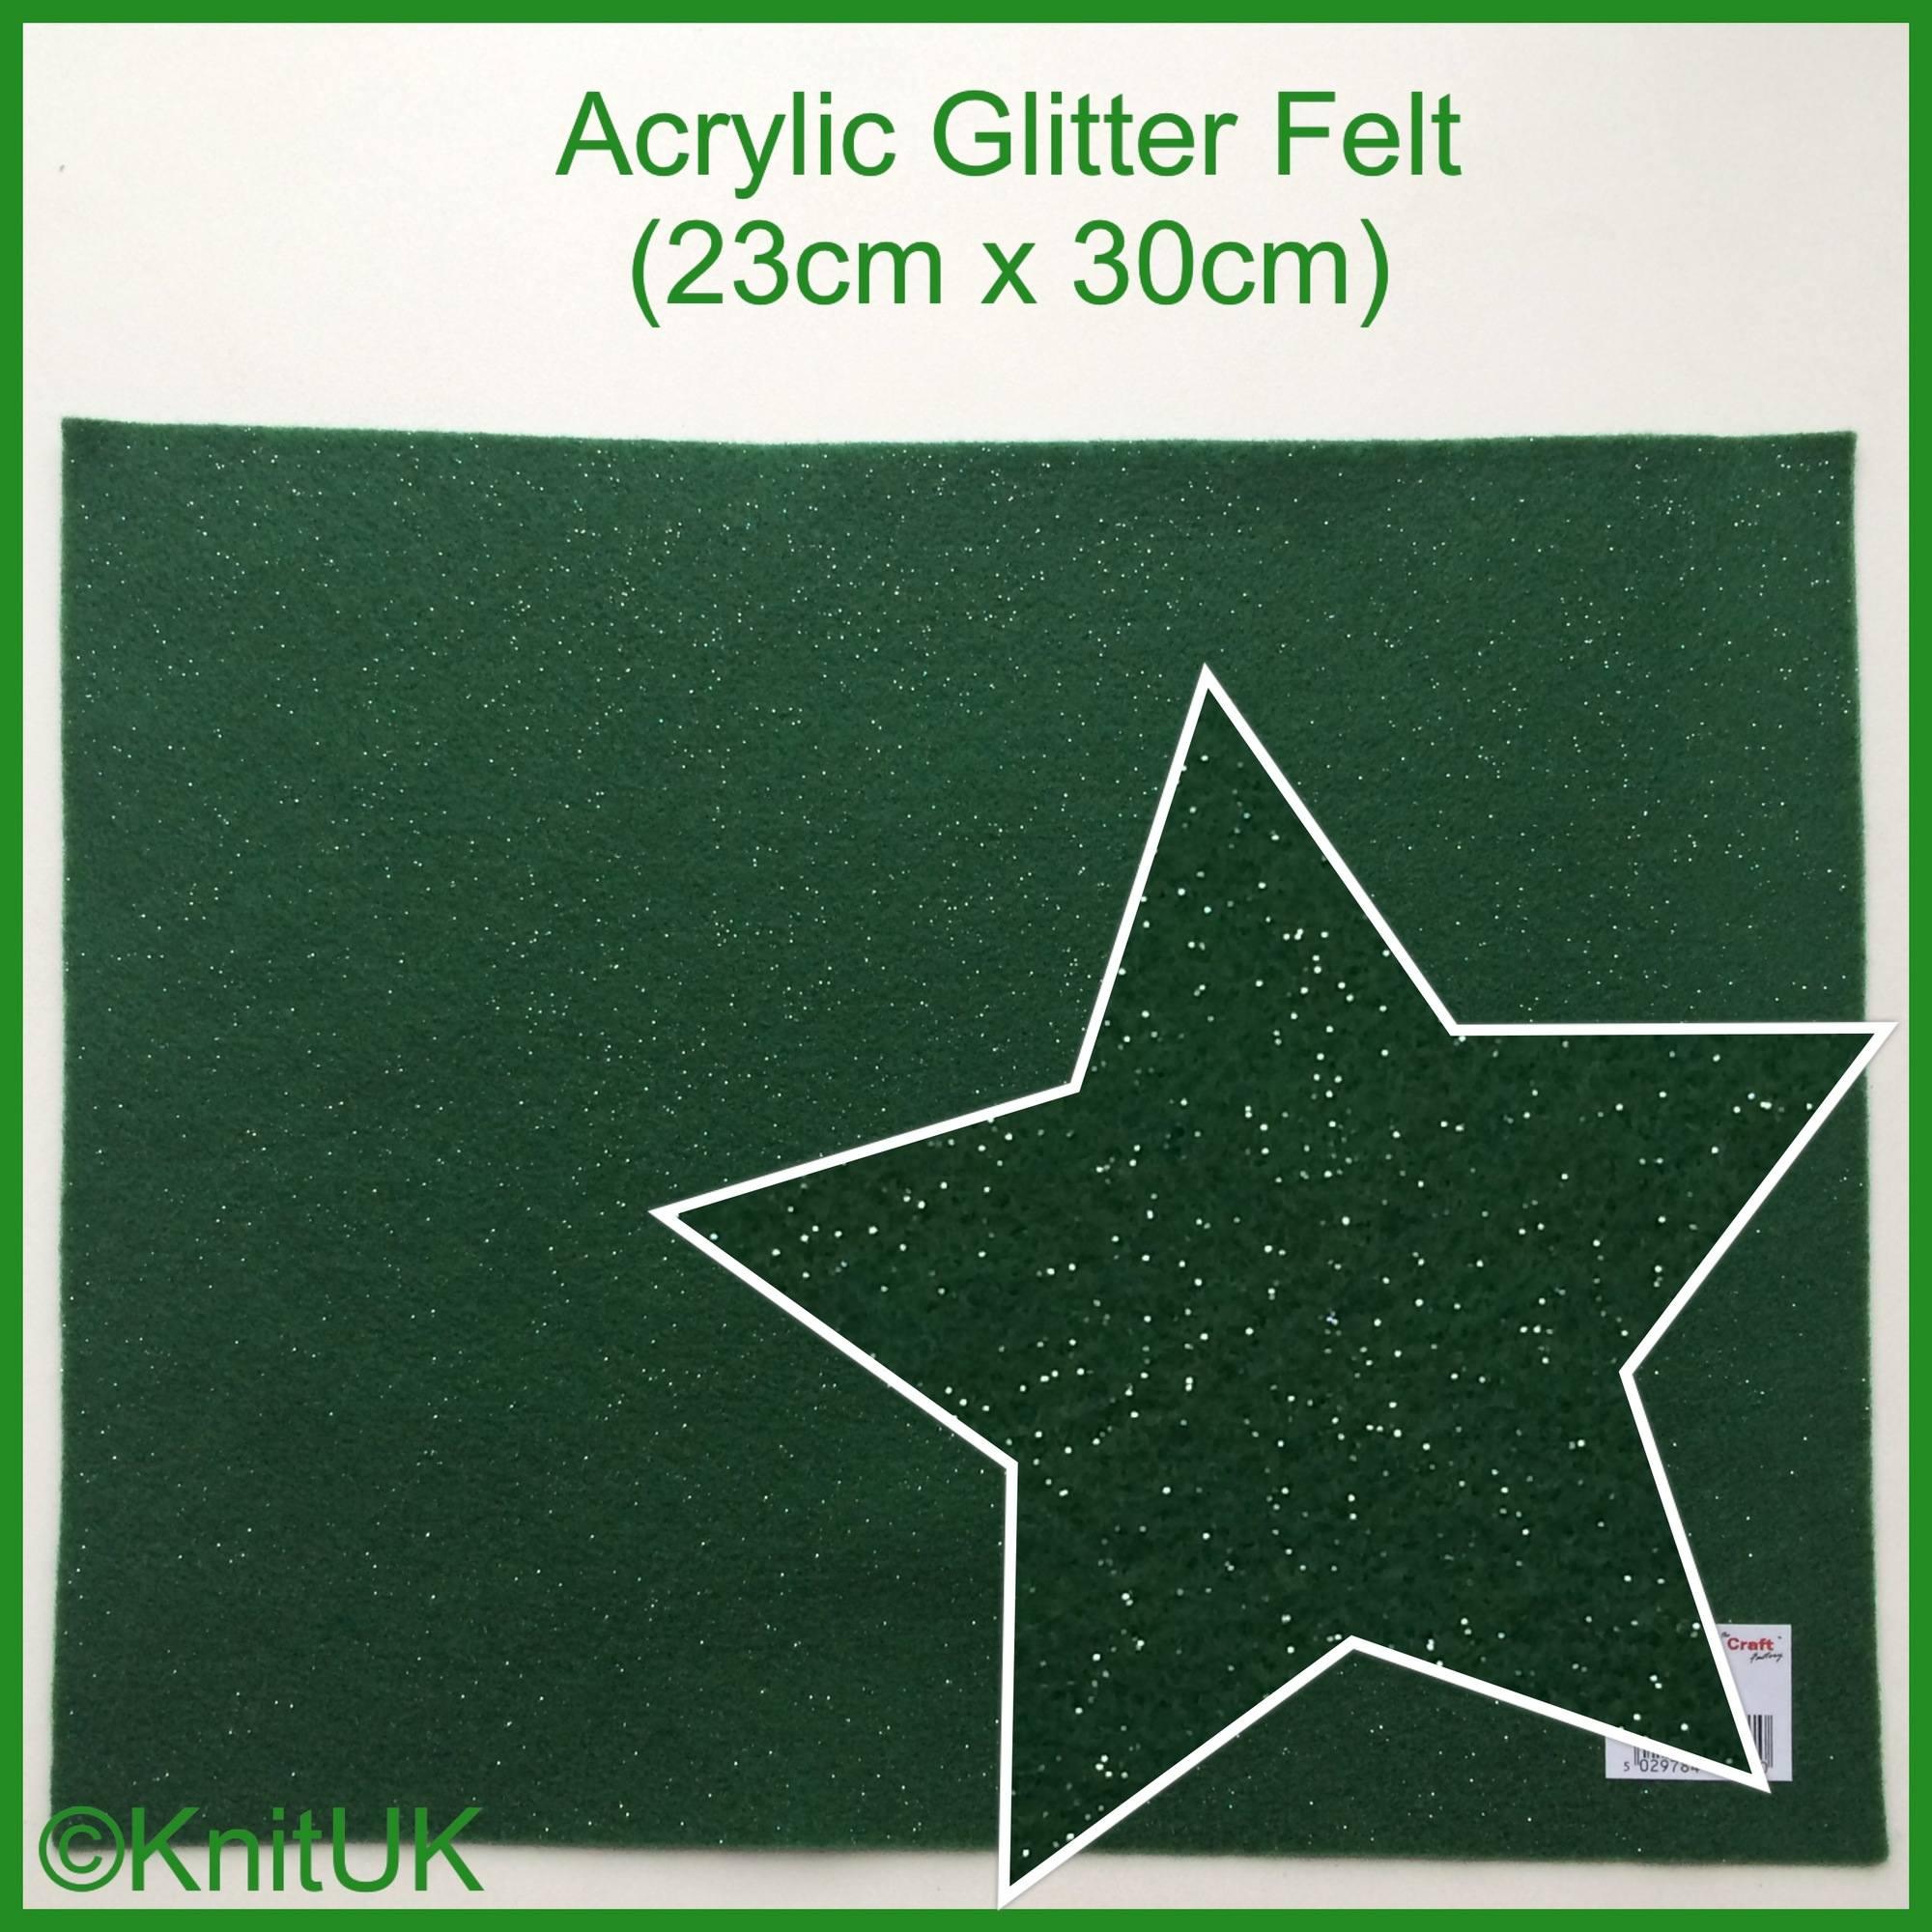 acrylic glitter felt holly